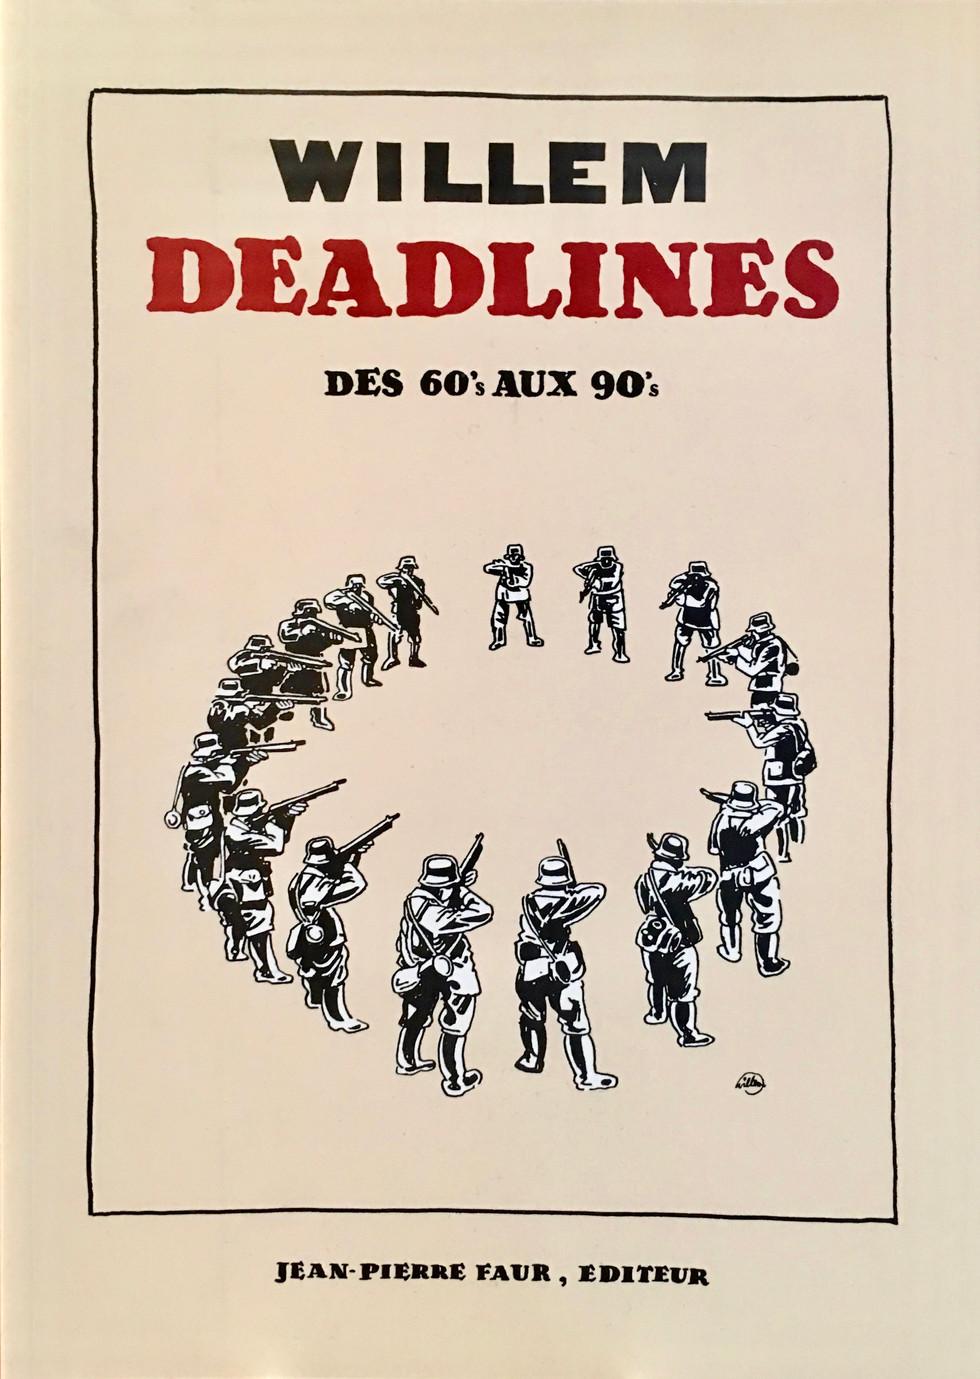 Willem - Deadlines - Editions Jean-Pierr